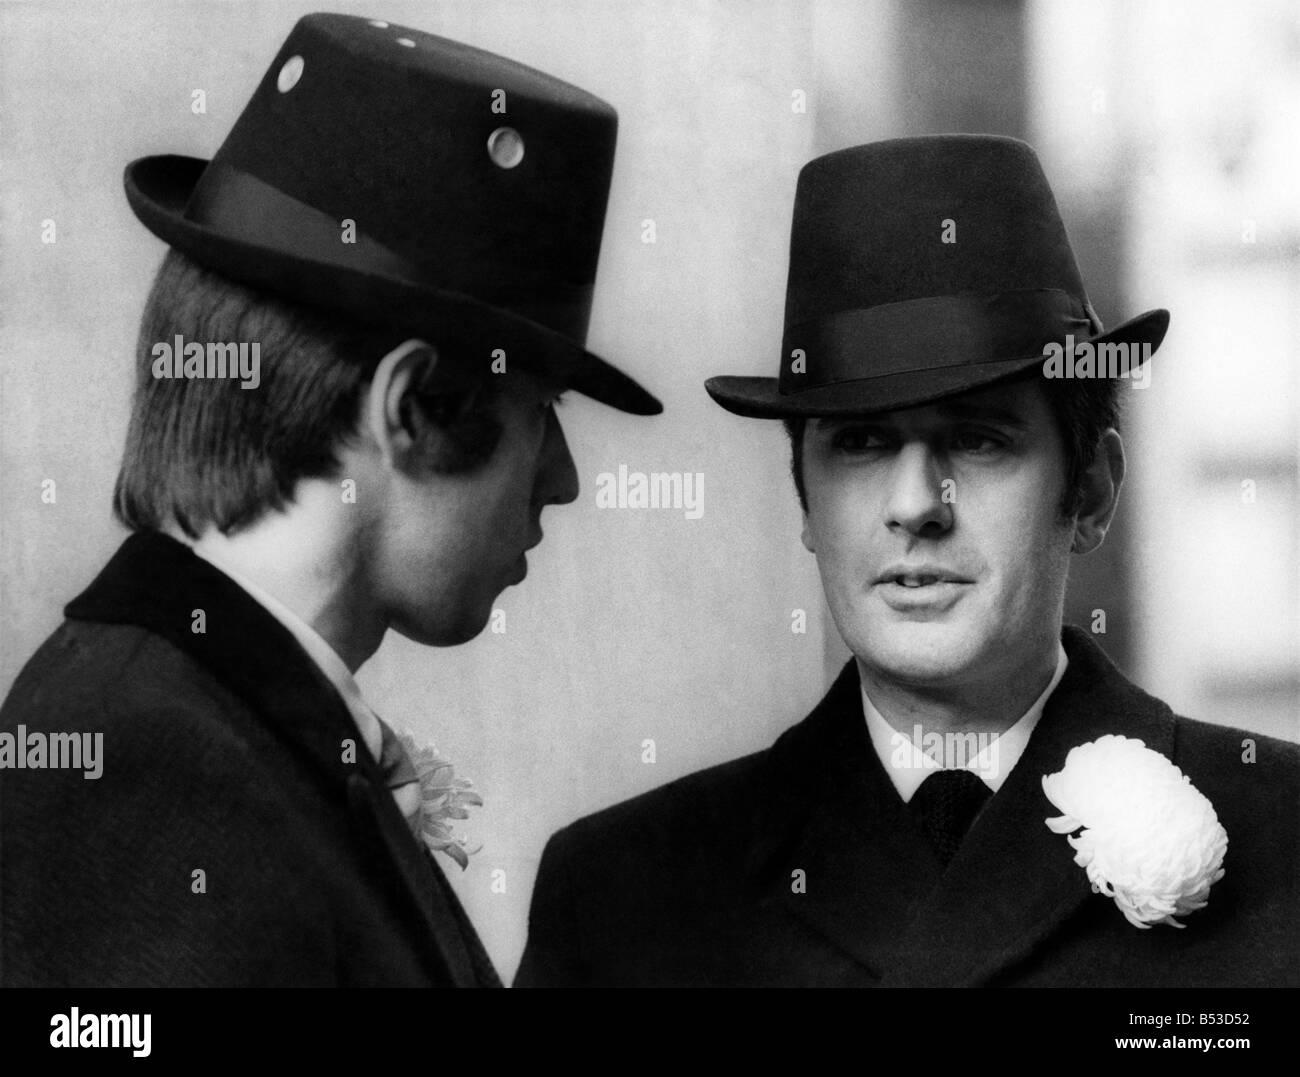 1968 Hats Imágenes De Stock   1968 Hats Fotos De Stock - Alamy ca3cc935bef